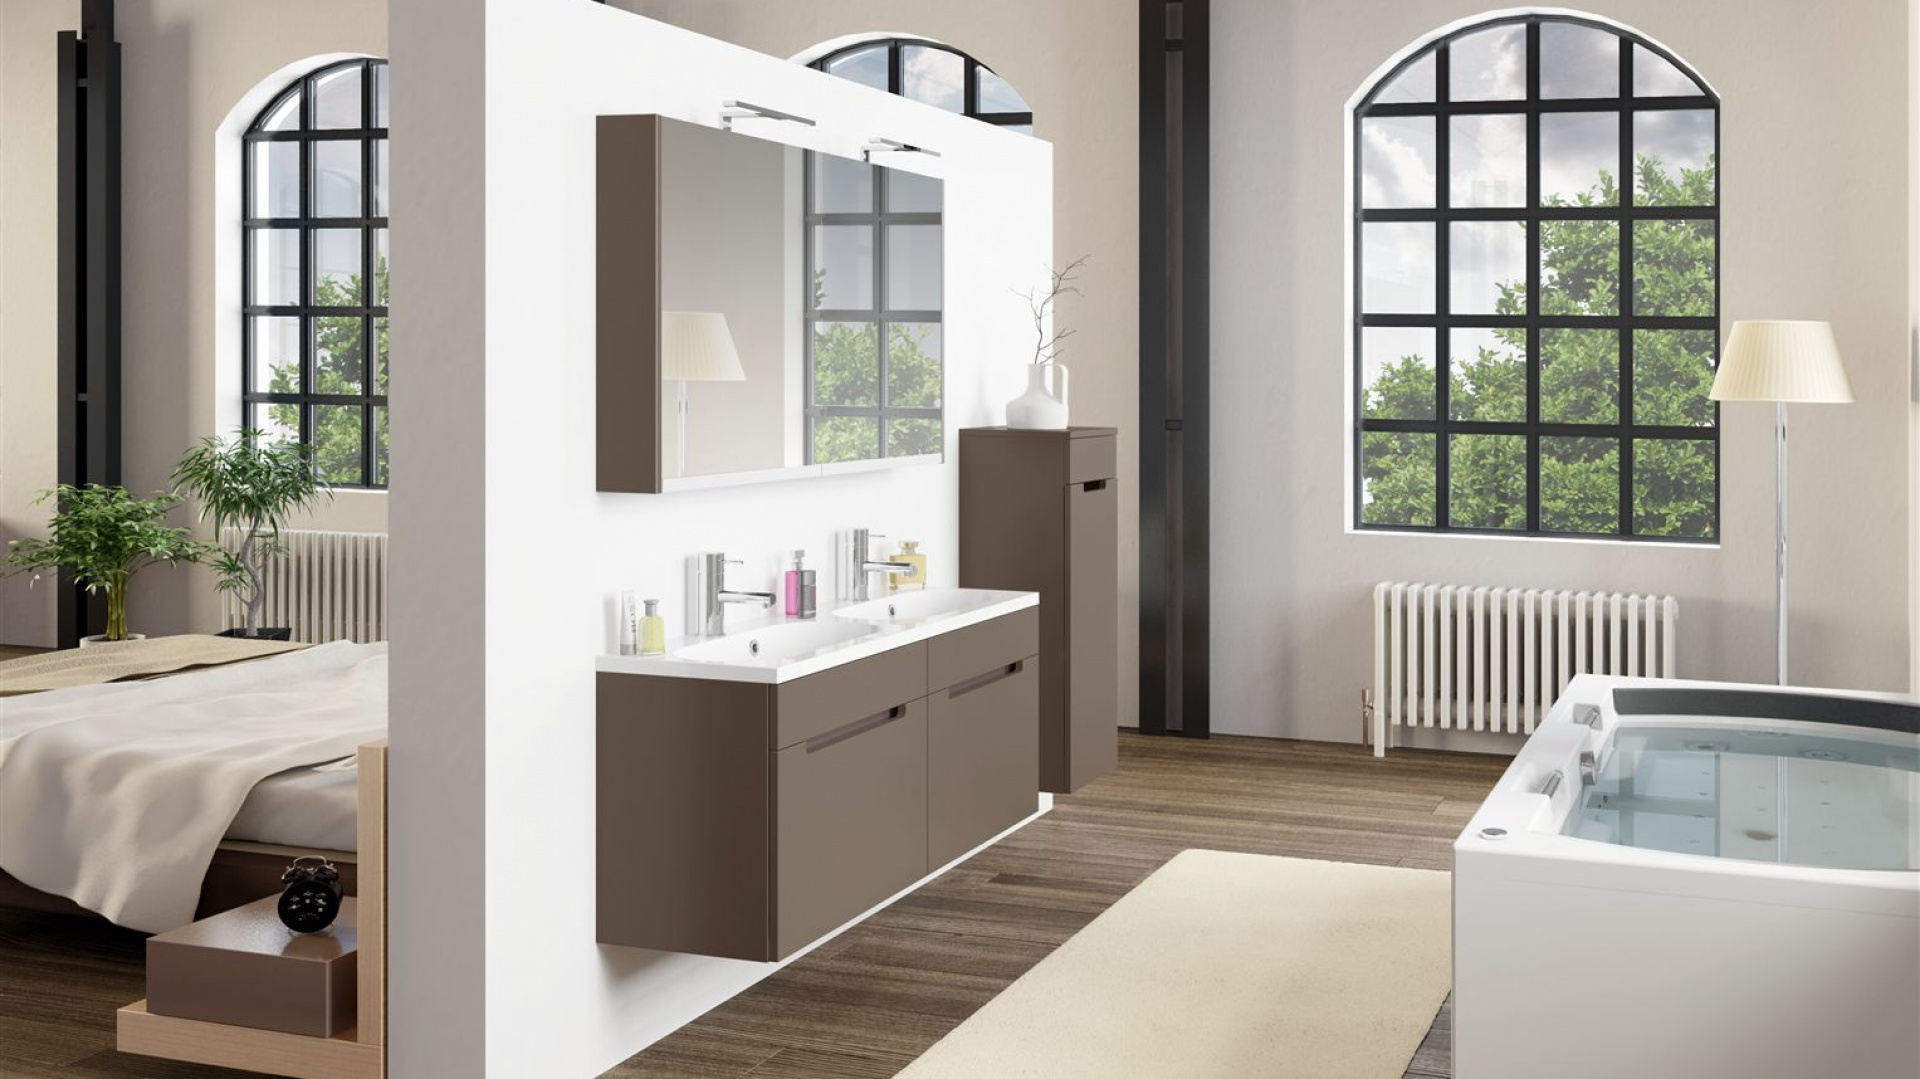 łazienka Przy Sypialni Najlepsze Aranżacje